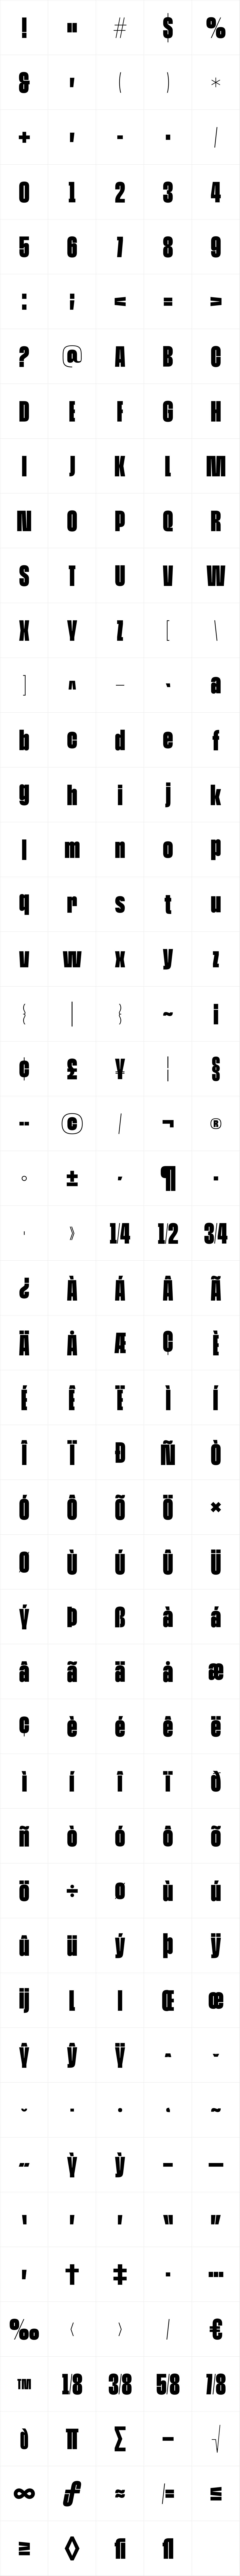 Cinderblock 75